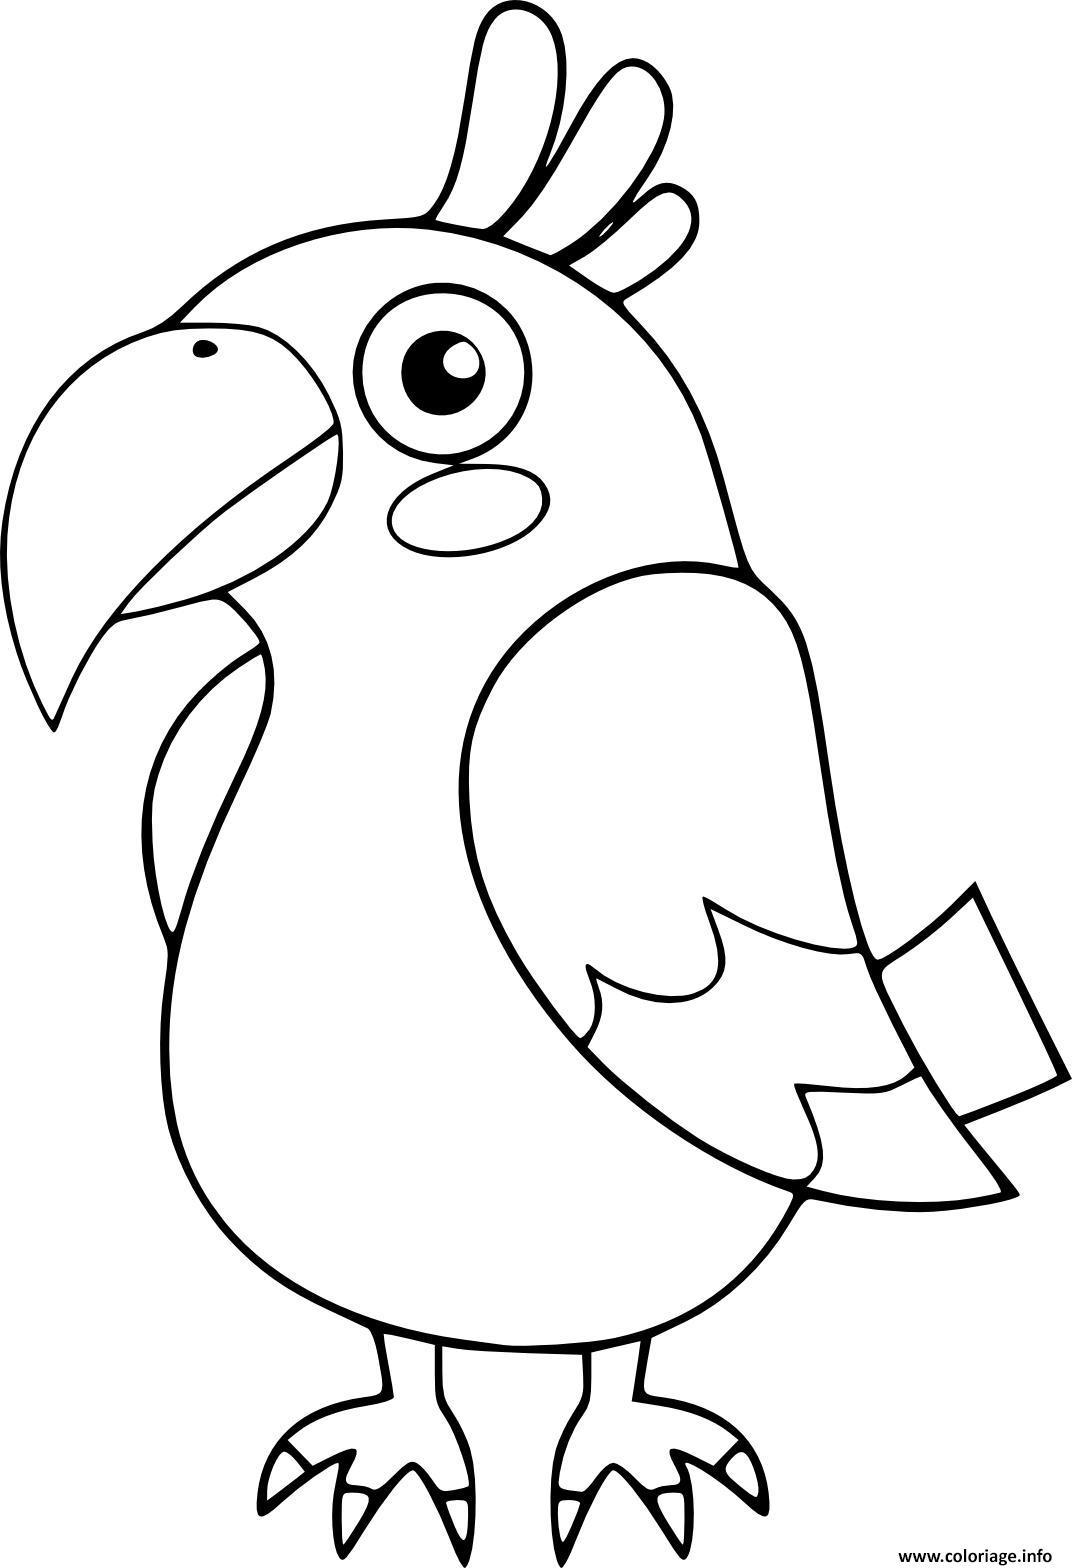 Coloriage Perroquet Oiseau Maternelle Pour Enfants Dessin ...